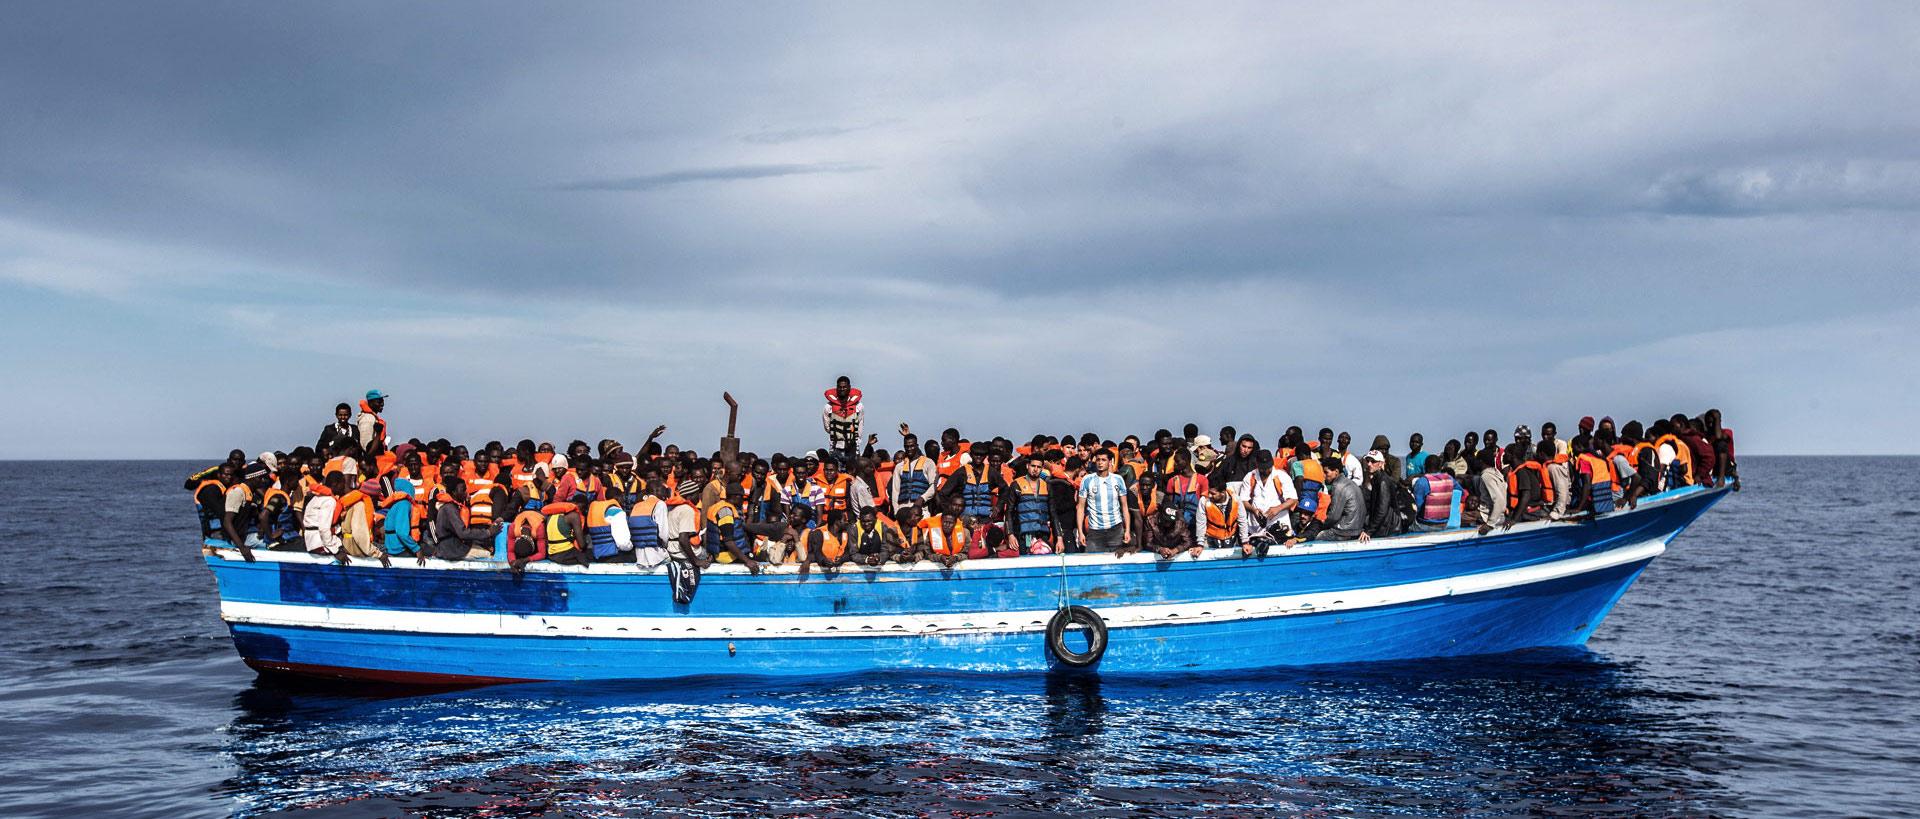 Boat-People.jpg